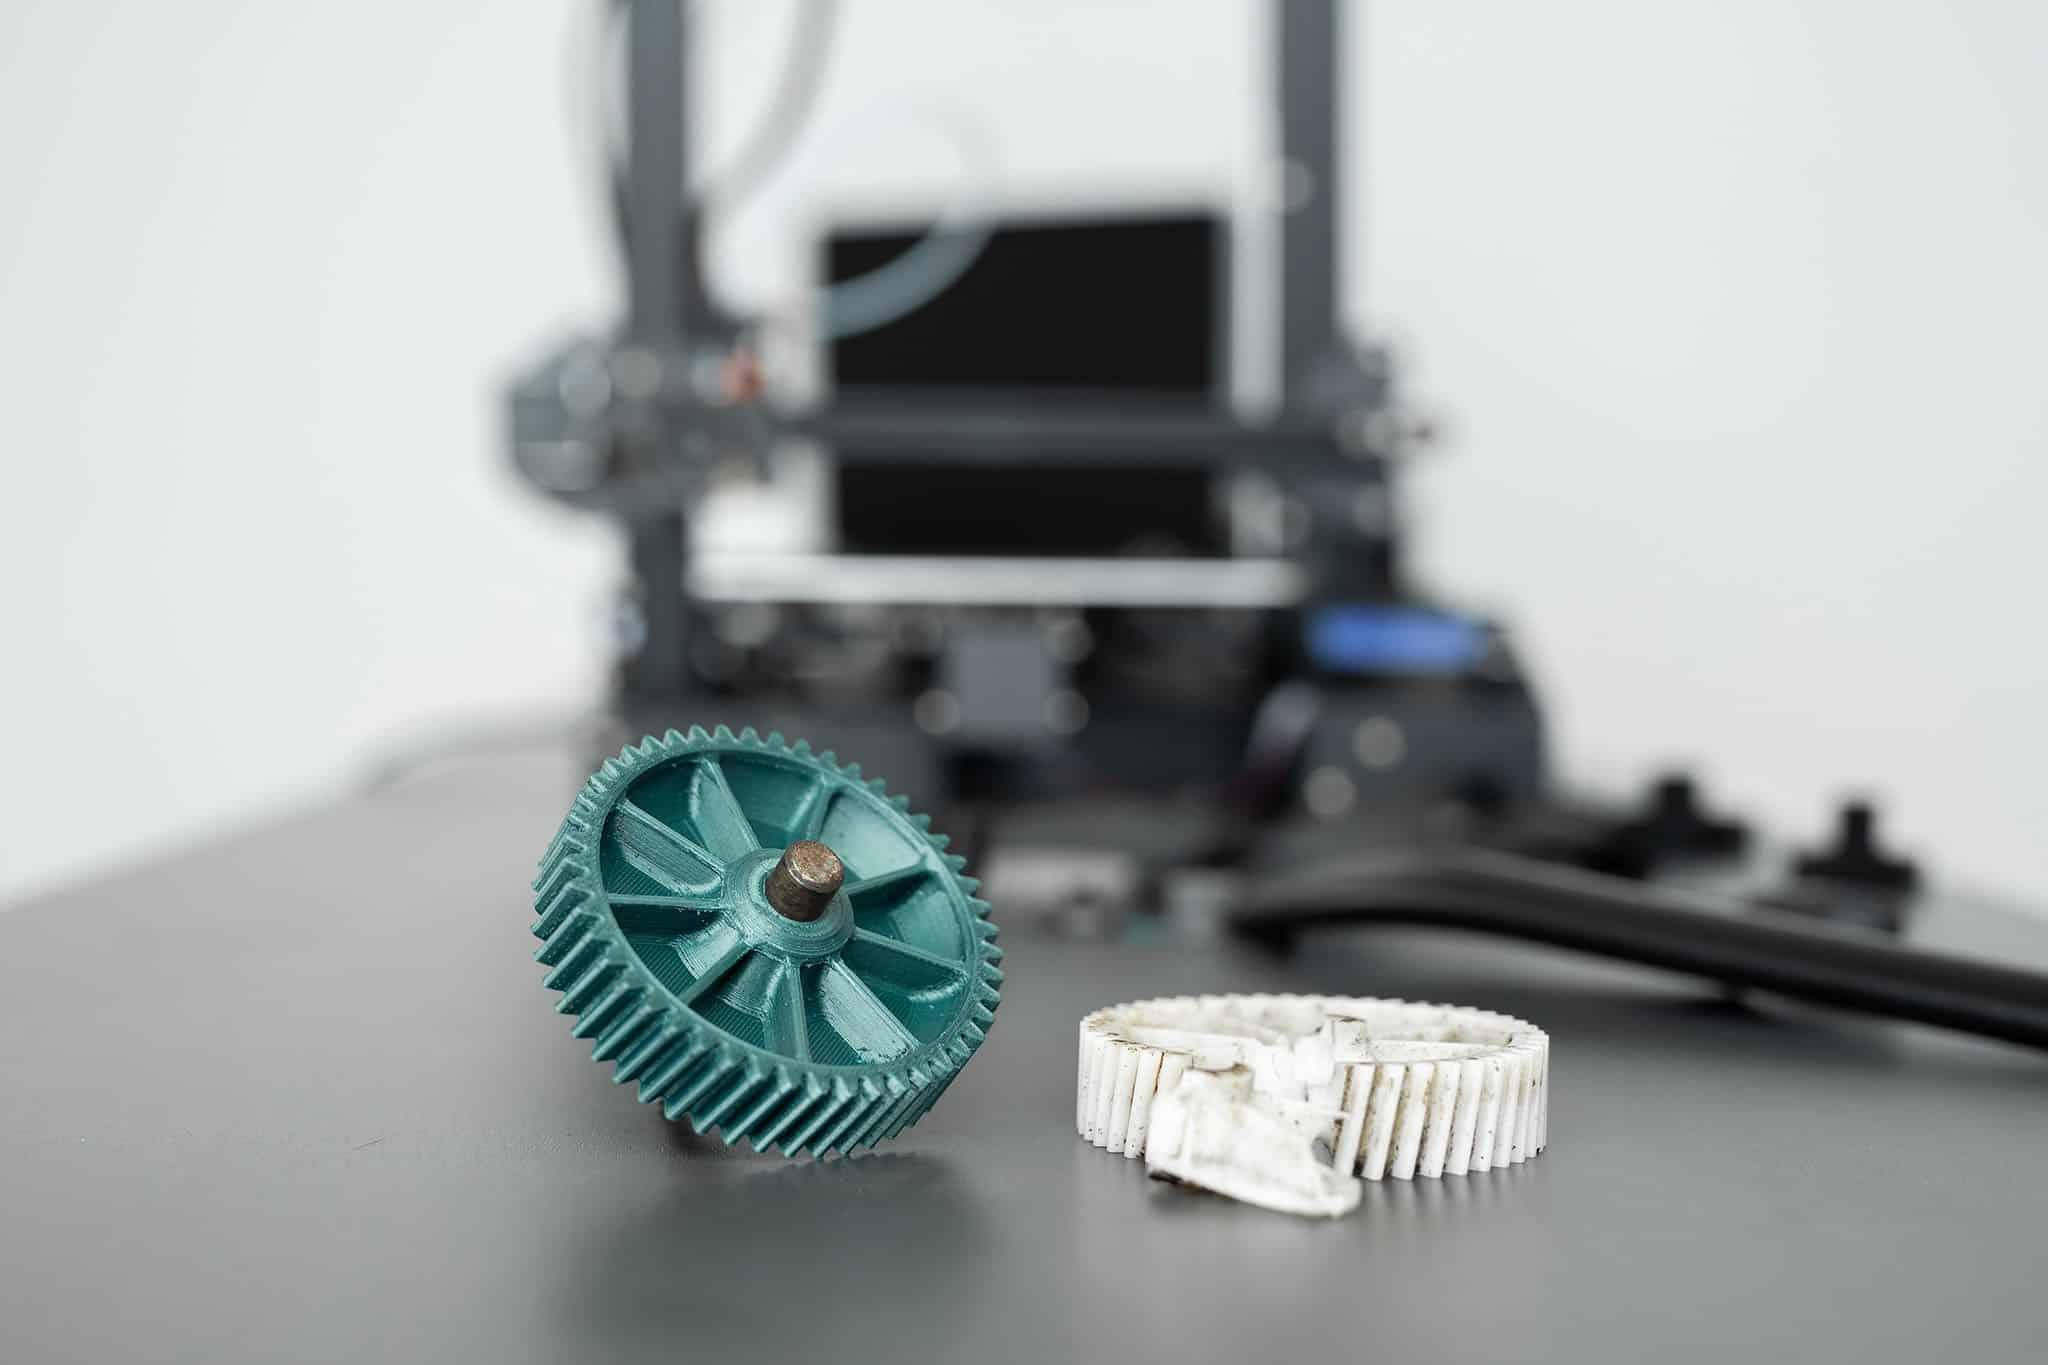 Ist es erlaubt 3D gedruckte Ersatzteile herzustellen?